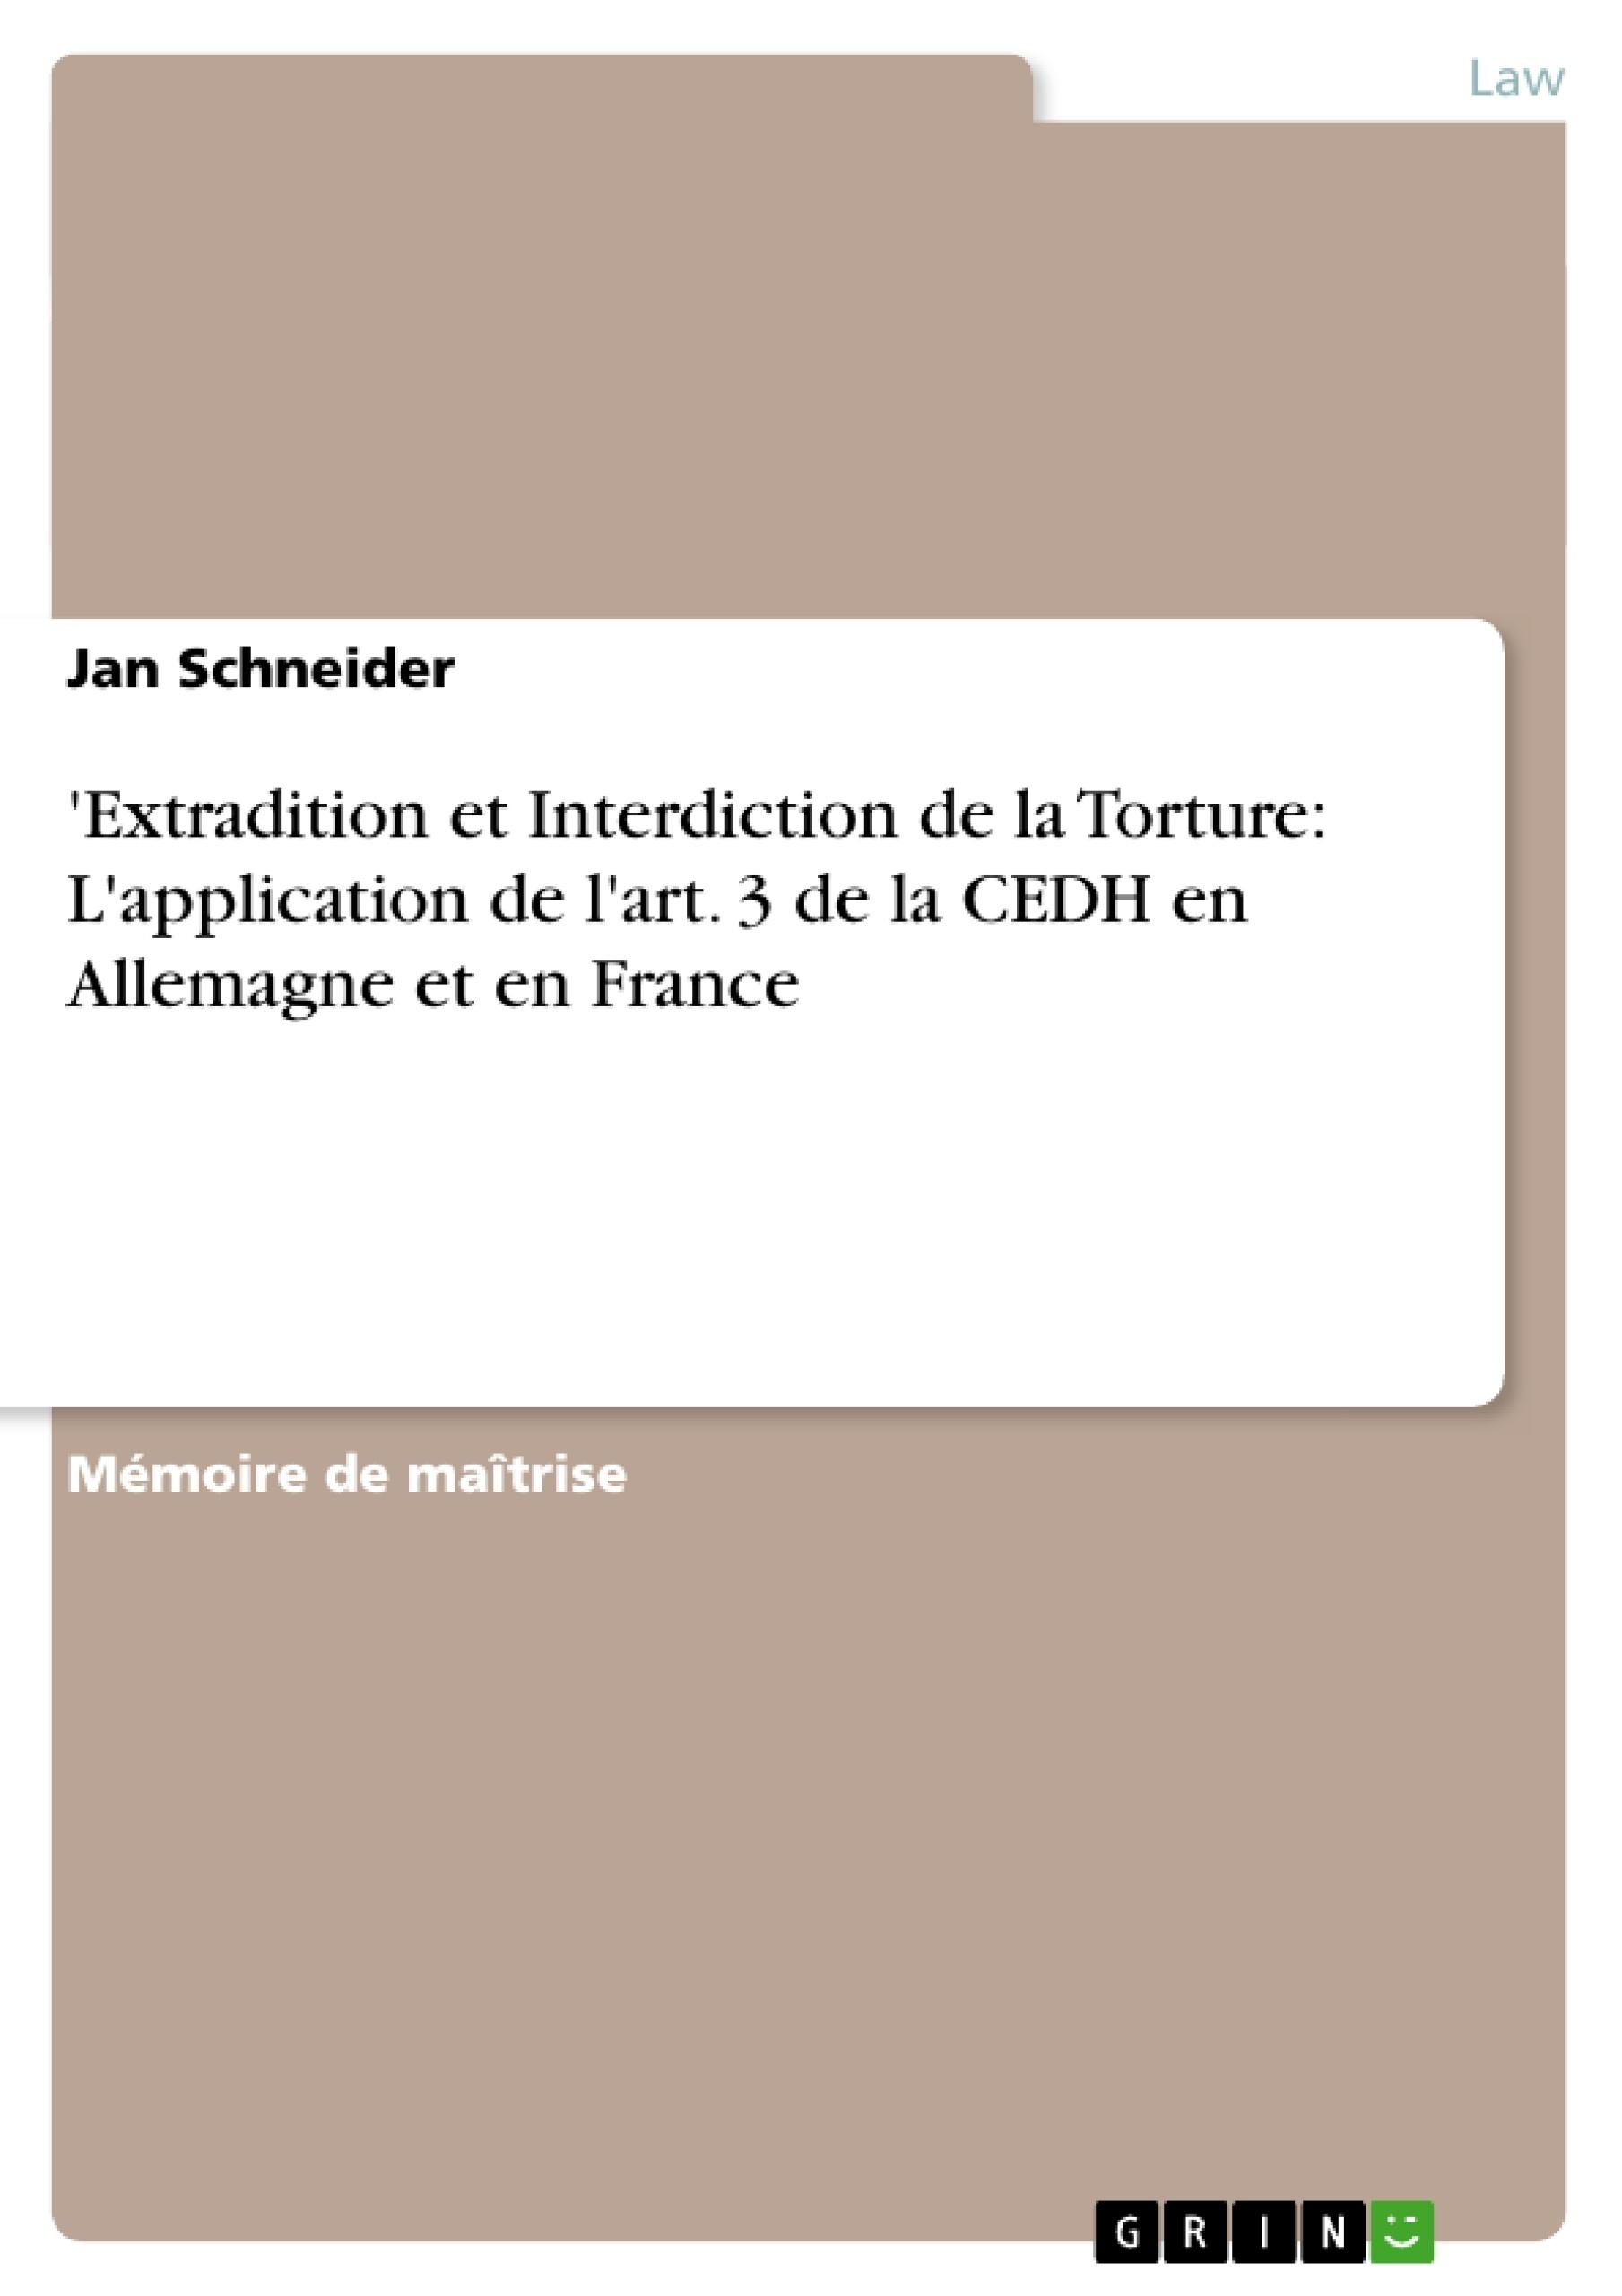 Titre: 'Extradition et Interdiction de la Torture: L'application de l'art. 3 de la CEDH en Allemagne et en France